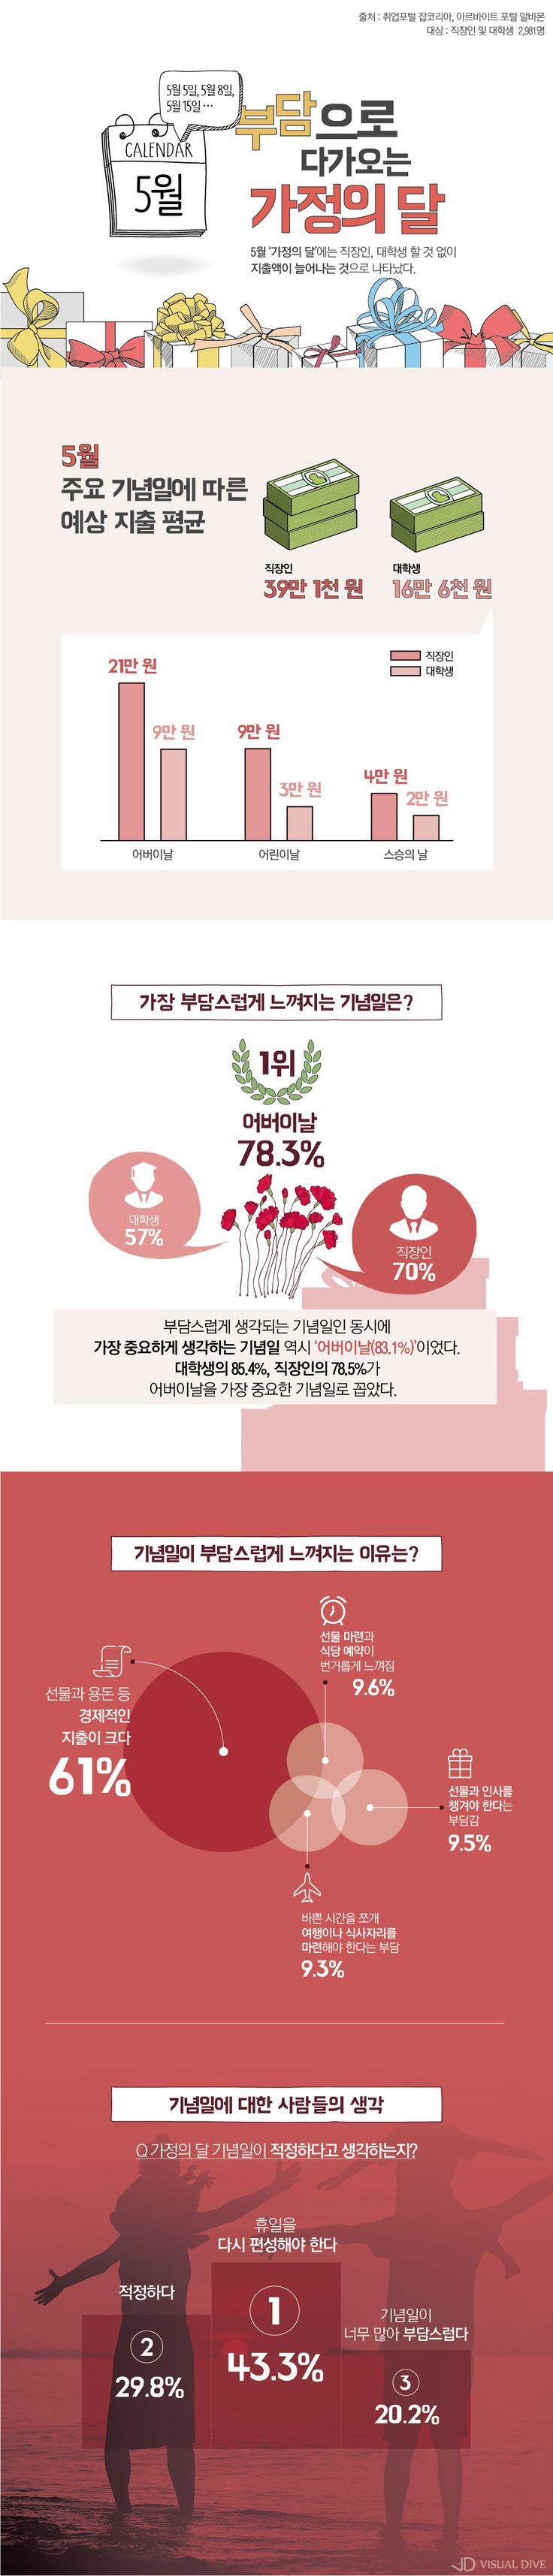 """'가정의달' 성인남녀 """"5월 기념일 챙기기 부담돼"""" [인포그래픽] #May / #Infographic ⓒ 비주얼다이브 무단 복사·전재·재배포 금지"""